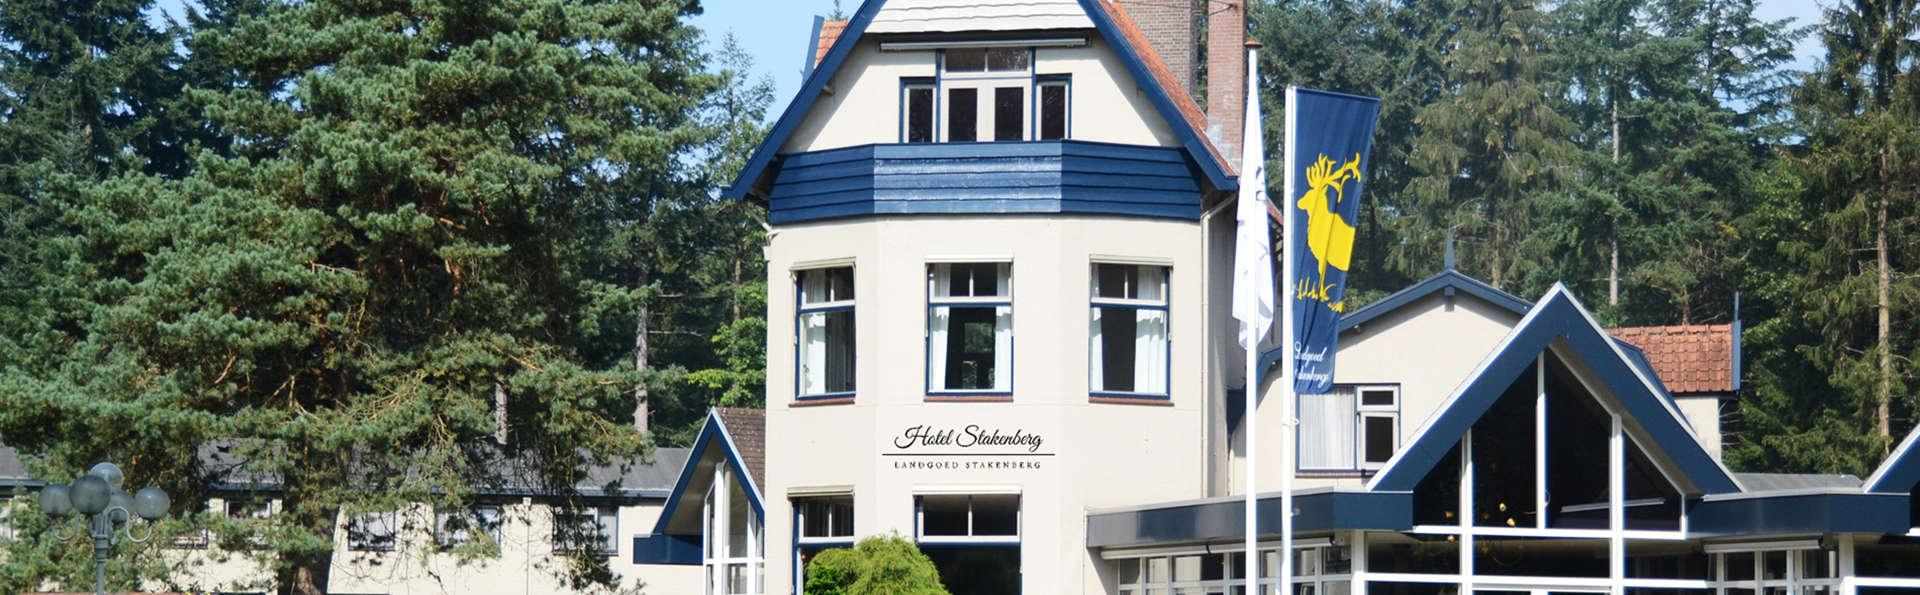 Veluwe Hotel Stakenberg - edit_facade1.jpg